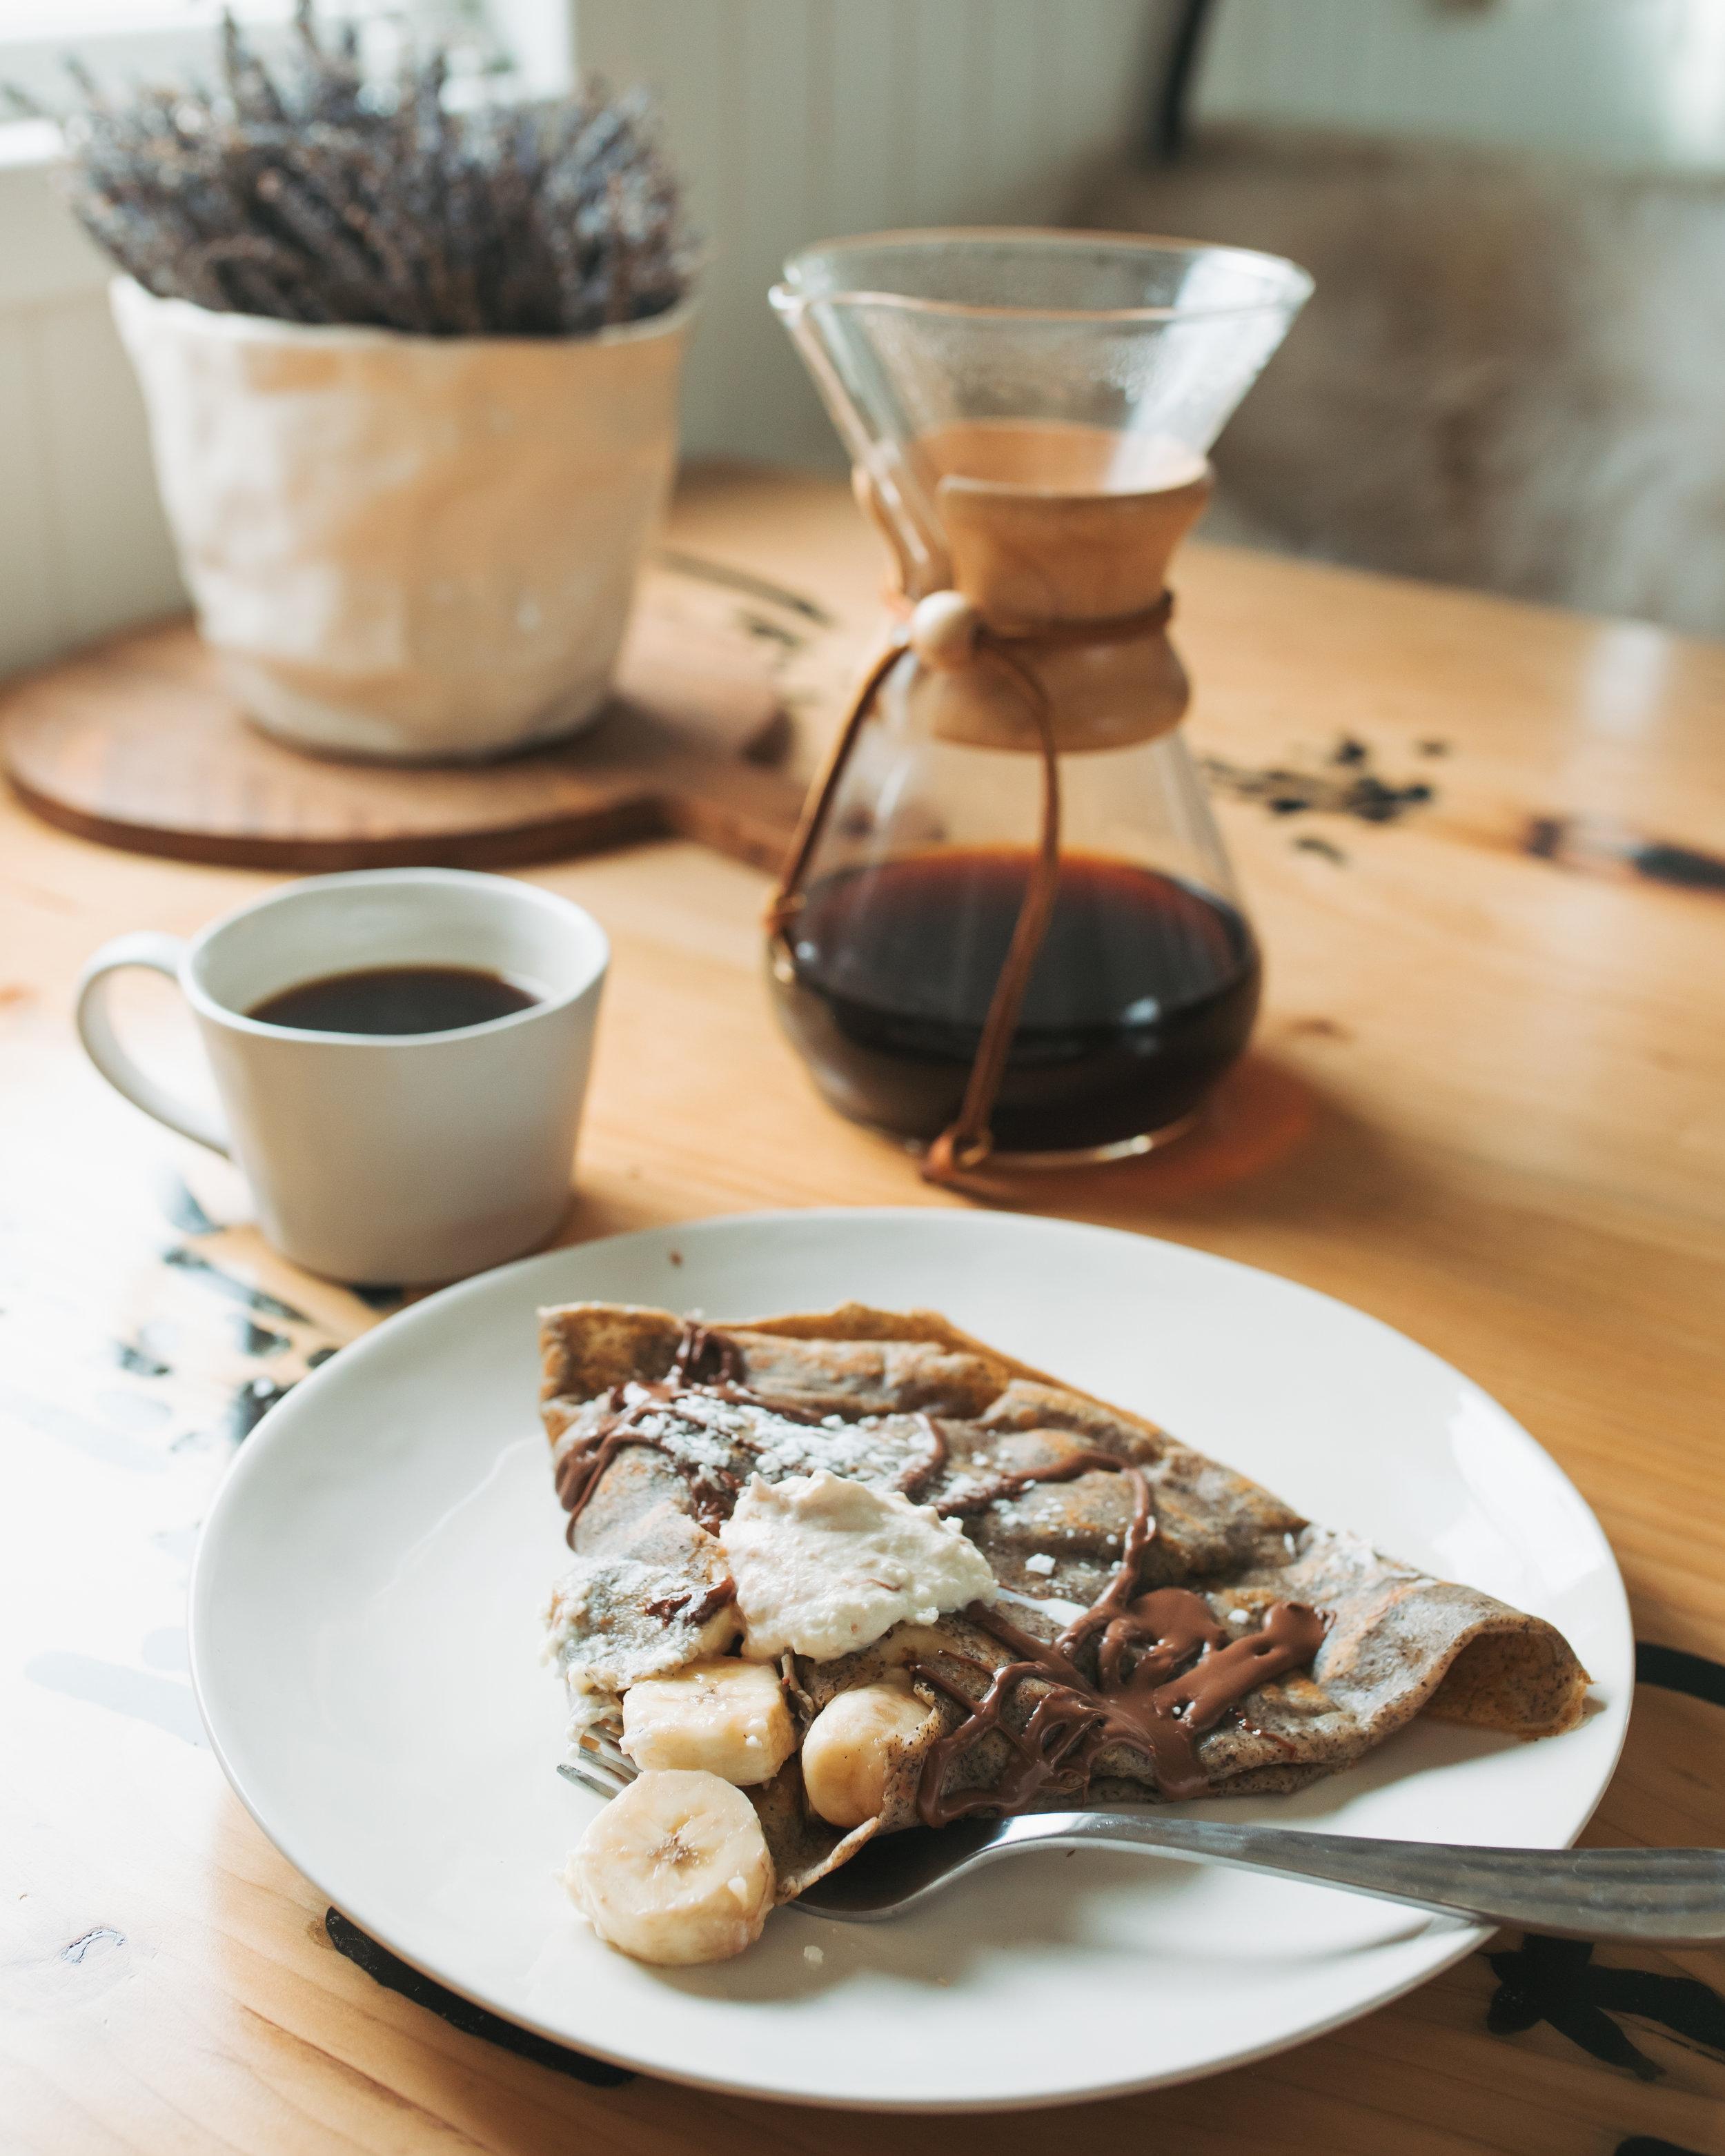 katherine_mendieta_seattle_houseboat_crepe_breakfast.jpg